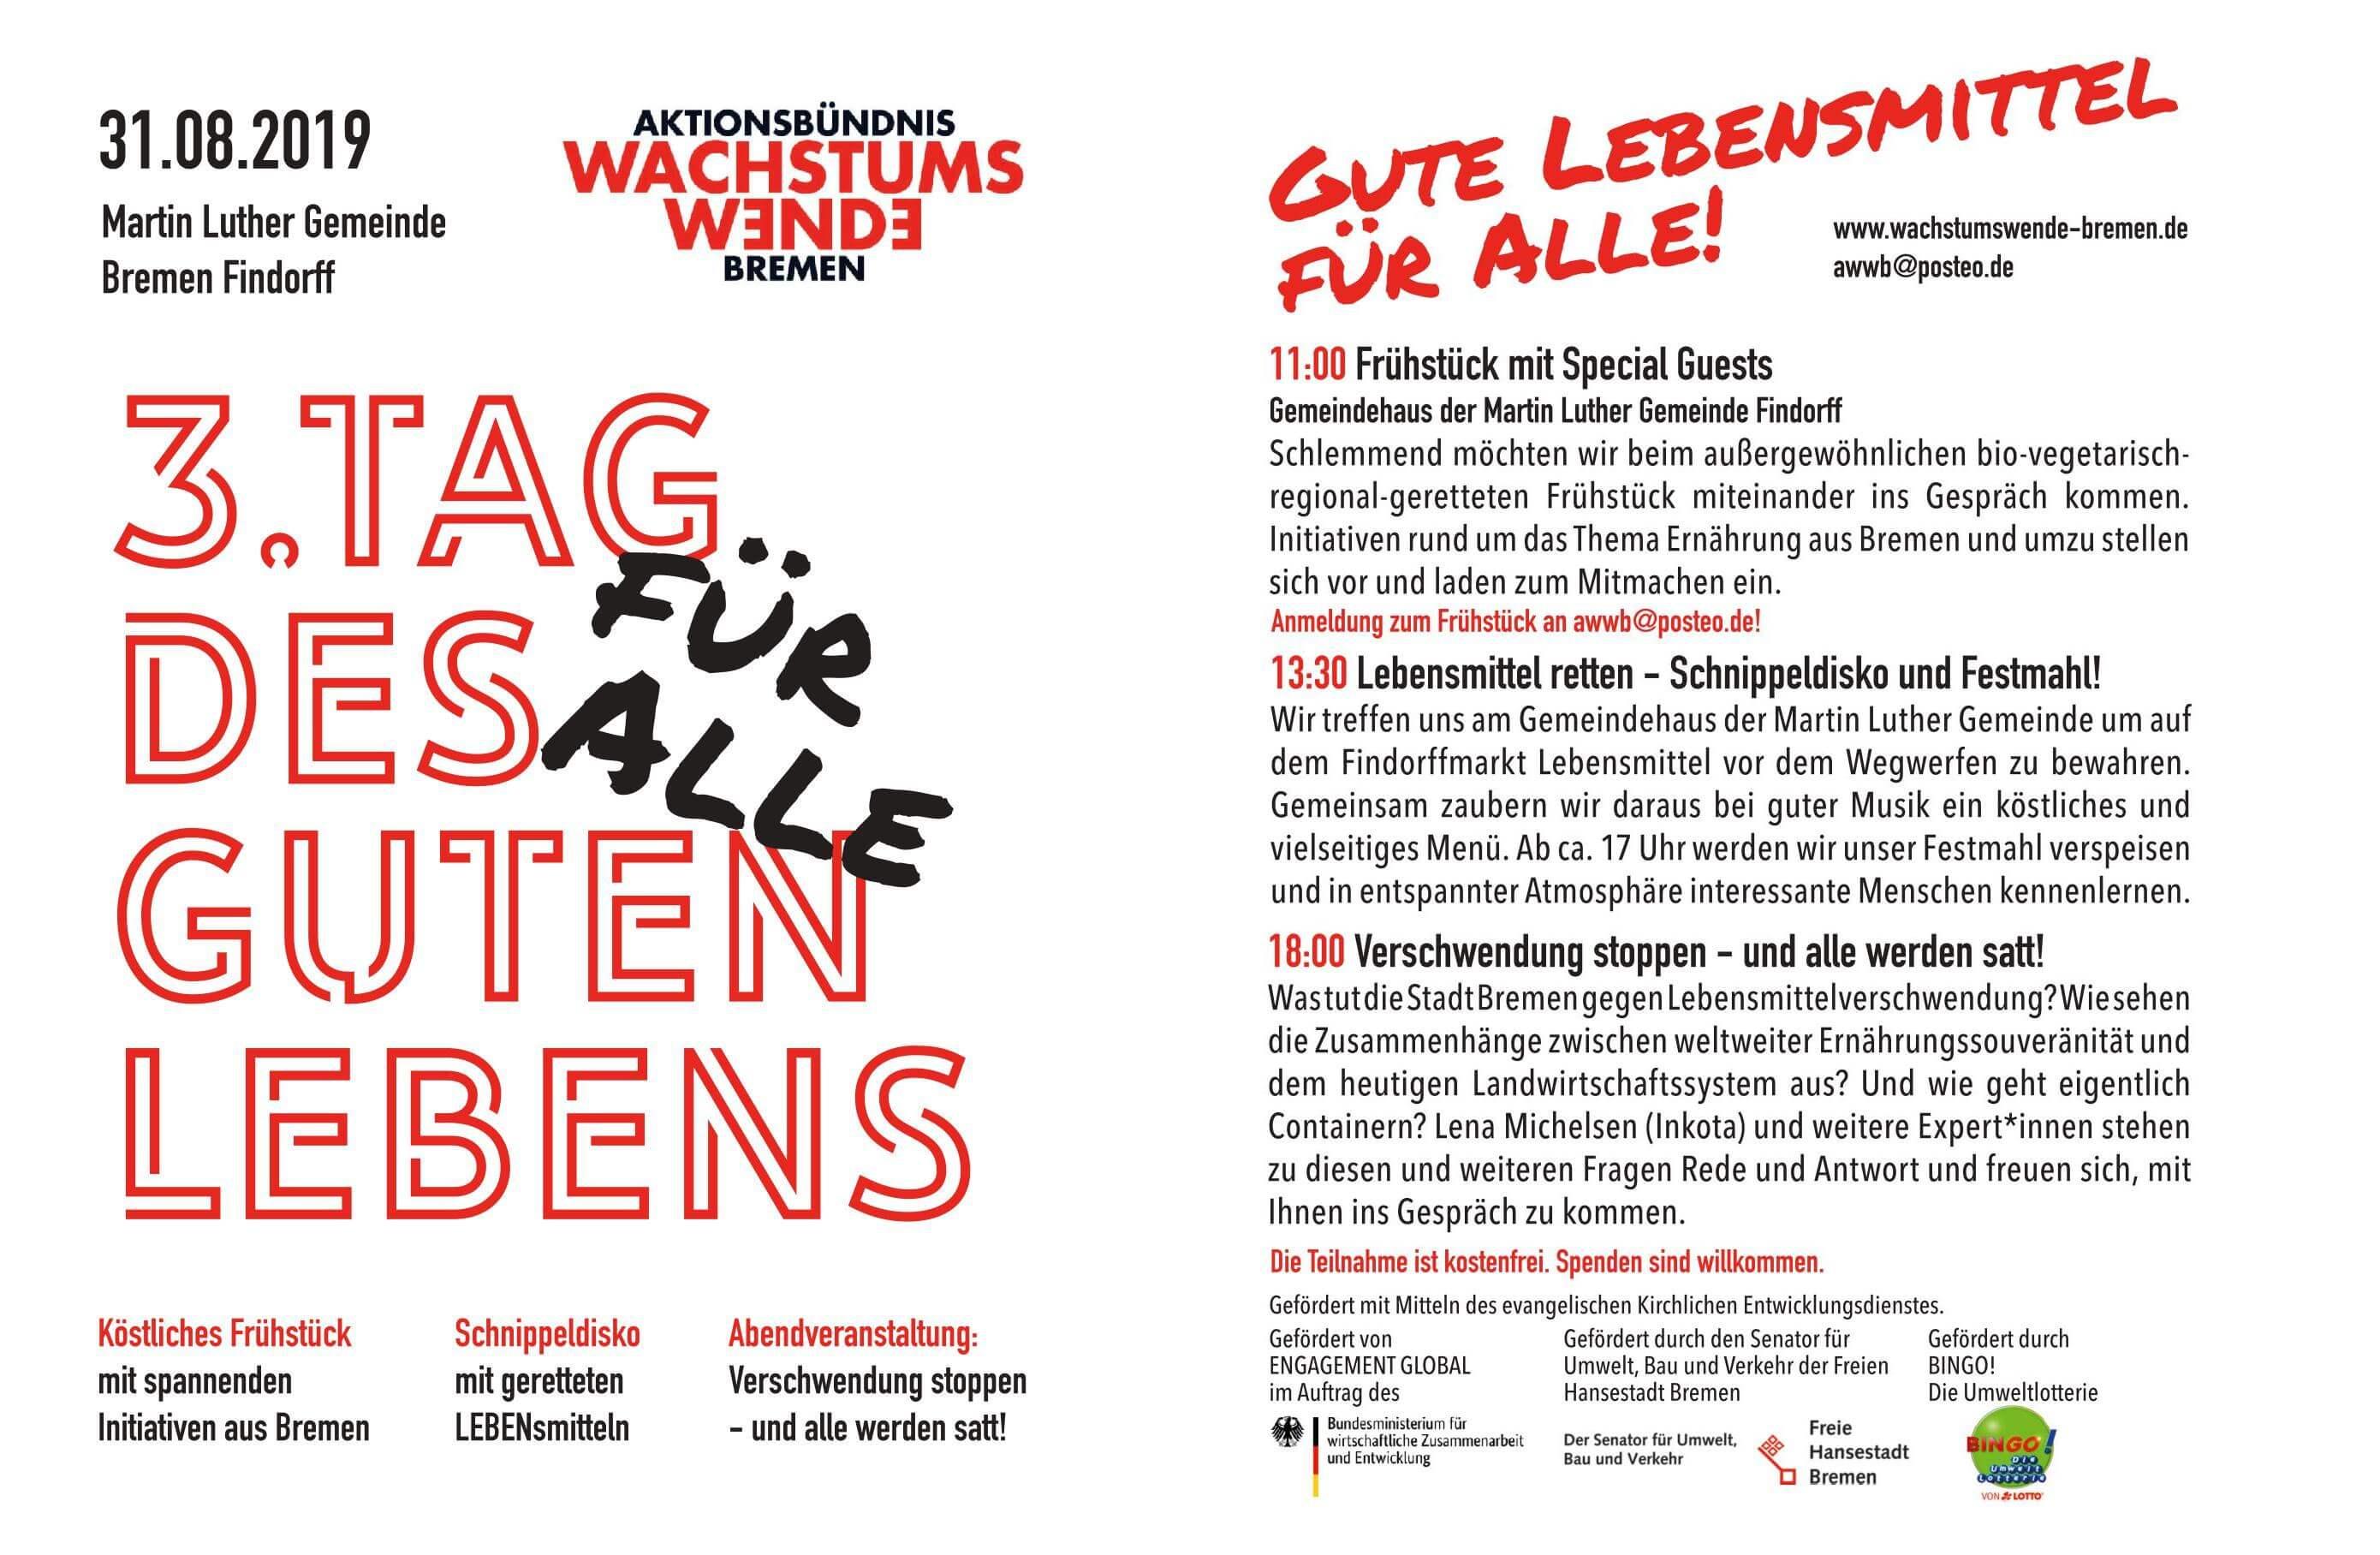 Herzliche Einladung zum 3. Bremer  Tag des Guten Lebens - für Alle! 1